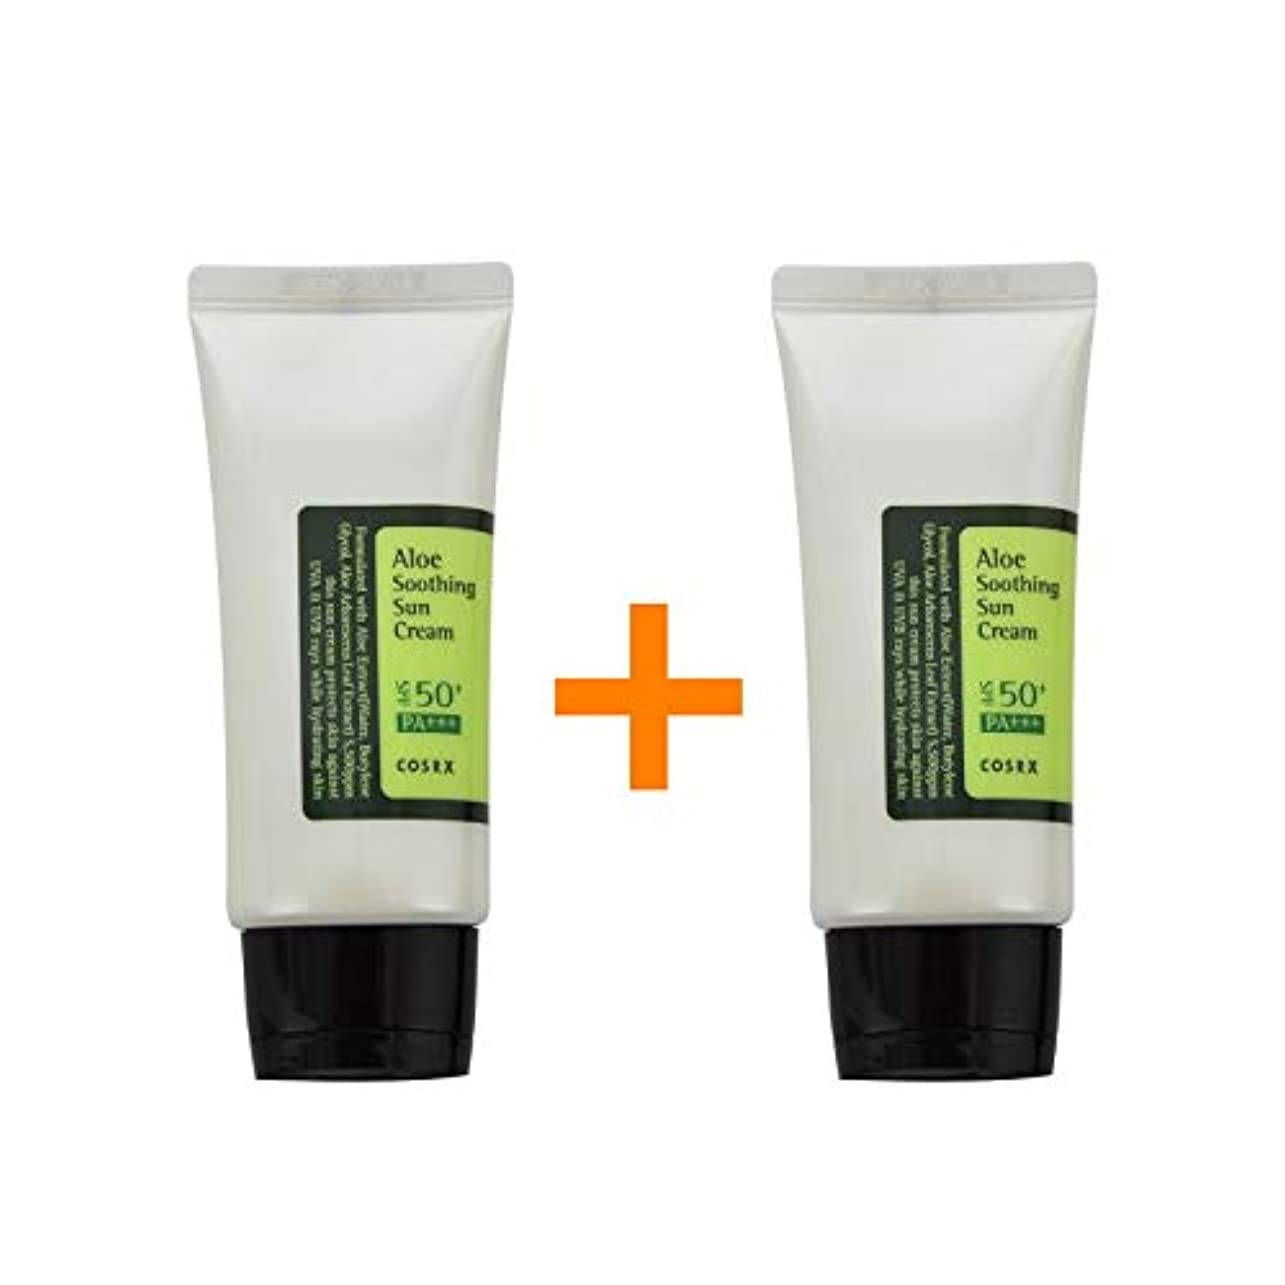 セットする短くするベジタリアン[ 1 + 1 ] COSRX コースアールエックス アロエ スージング サンクリーム Aloe Soothing sun cream (50ml) SPF50+/PA+++ 韓国日焼け止め